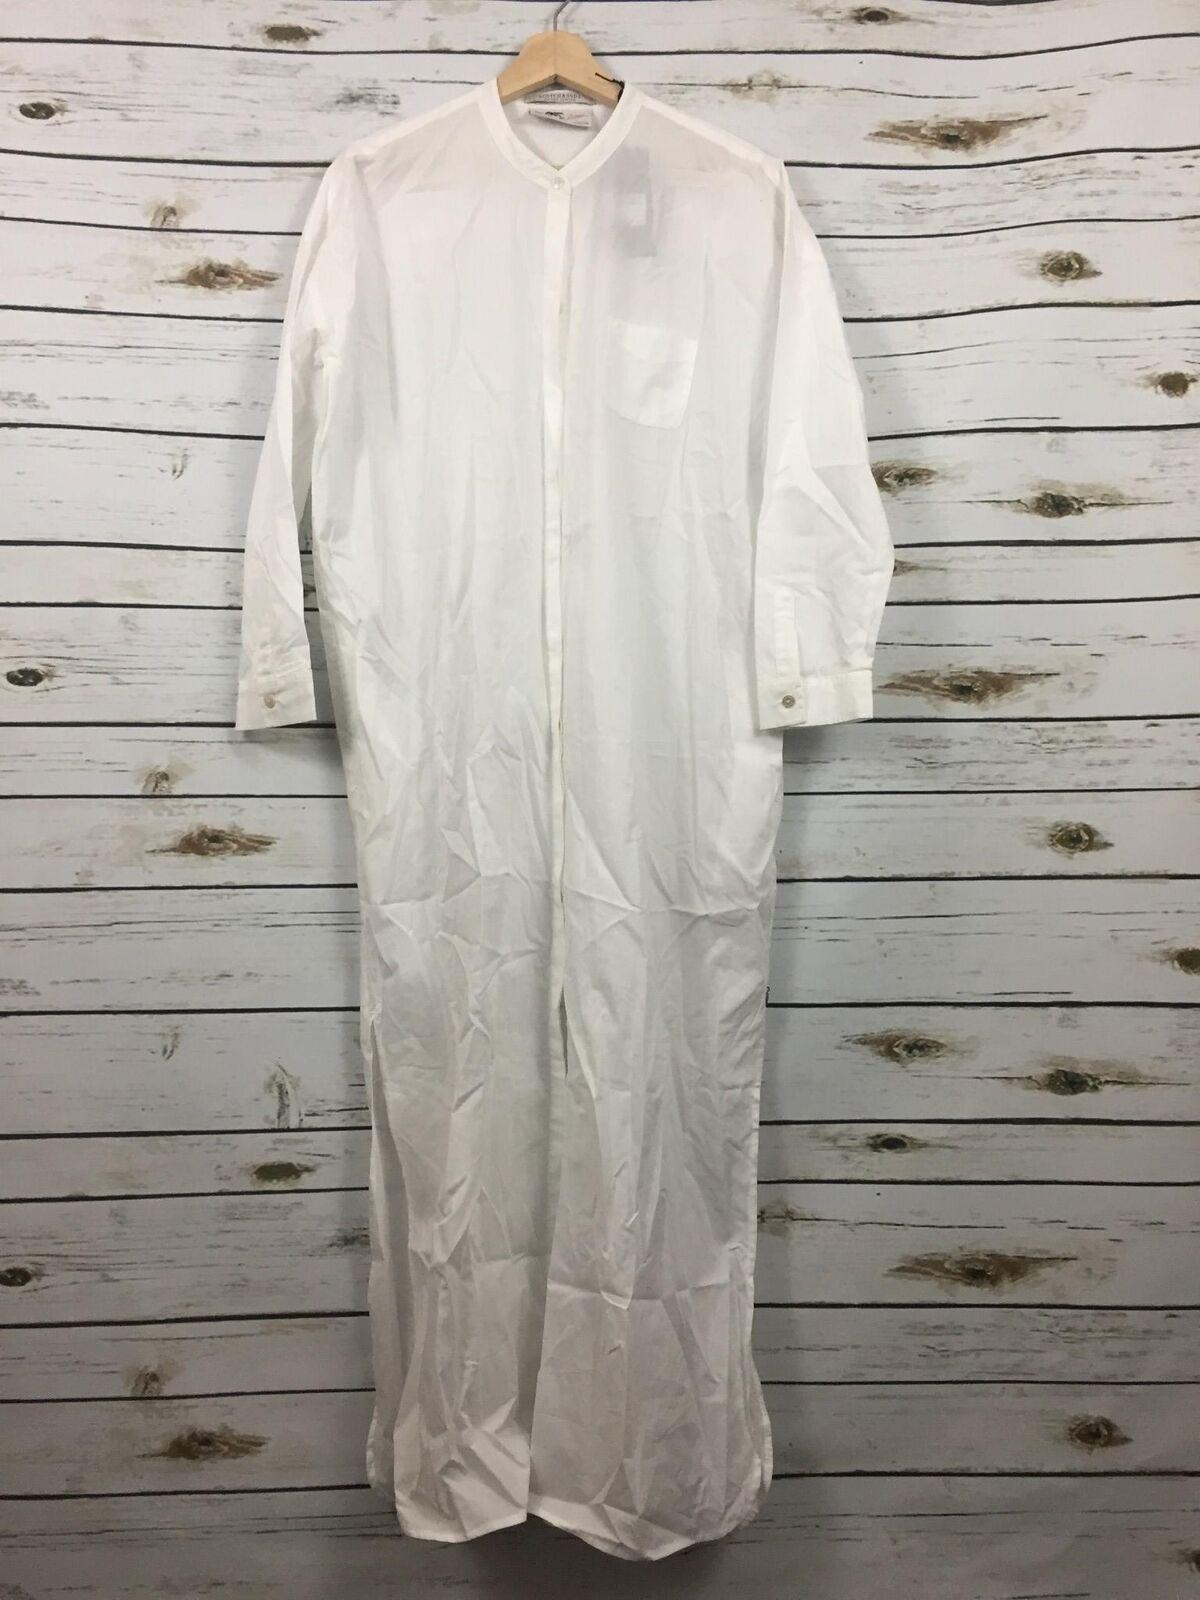 129 Scotch and Soda White Button Tunic ShirtDress ShirtDress ShirtDress Size P-XS 1 2 P'tita NWT d23a54